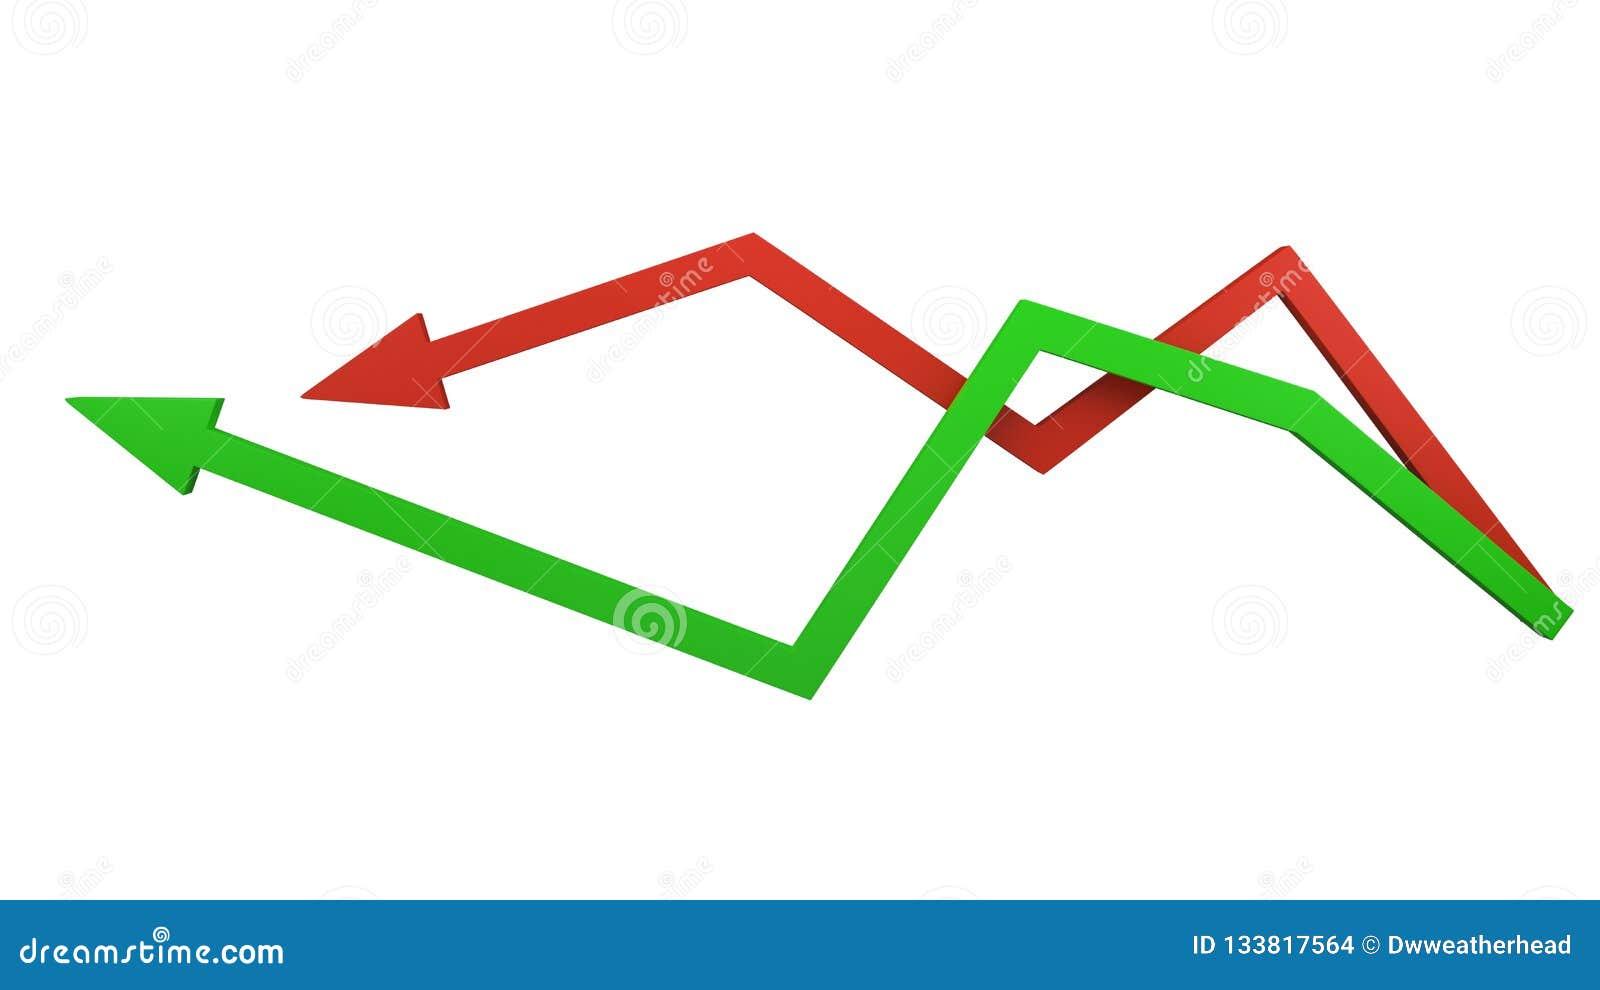 Setas verdes e vermelhas que representam ganhos e perdas de flutuação nas finanças da economia ou do negócio isoladas no branco